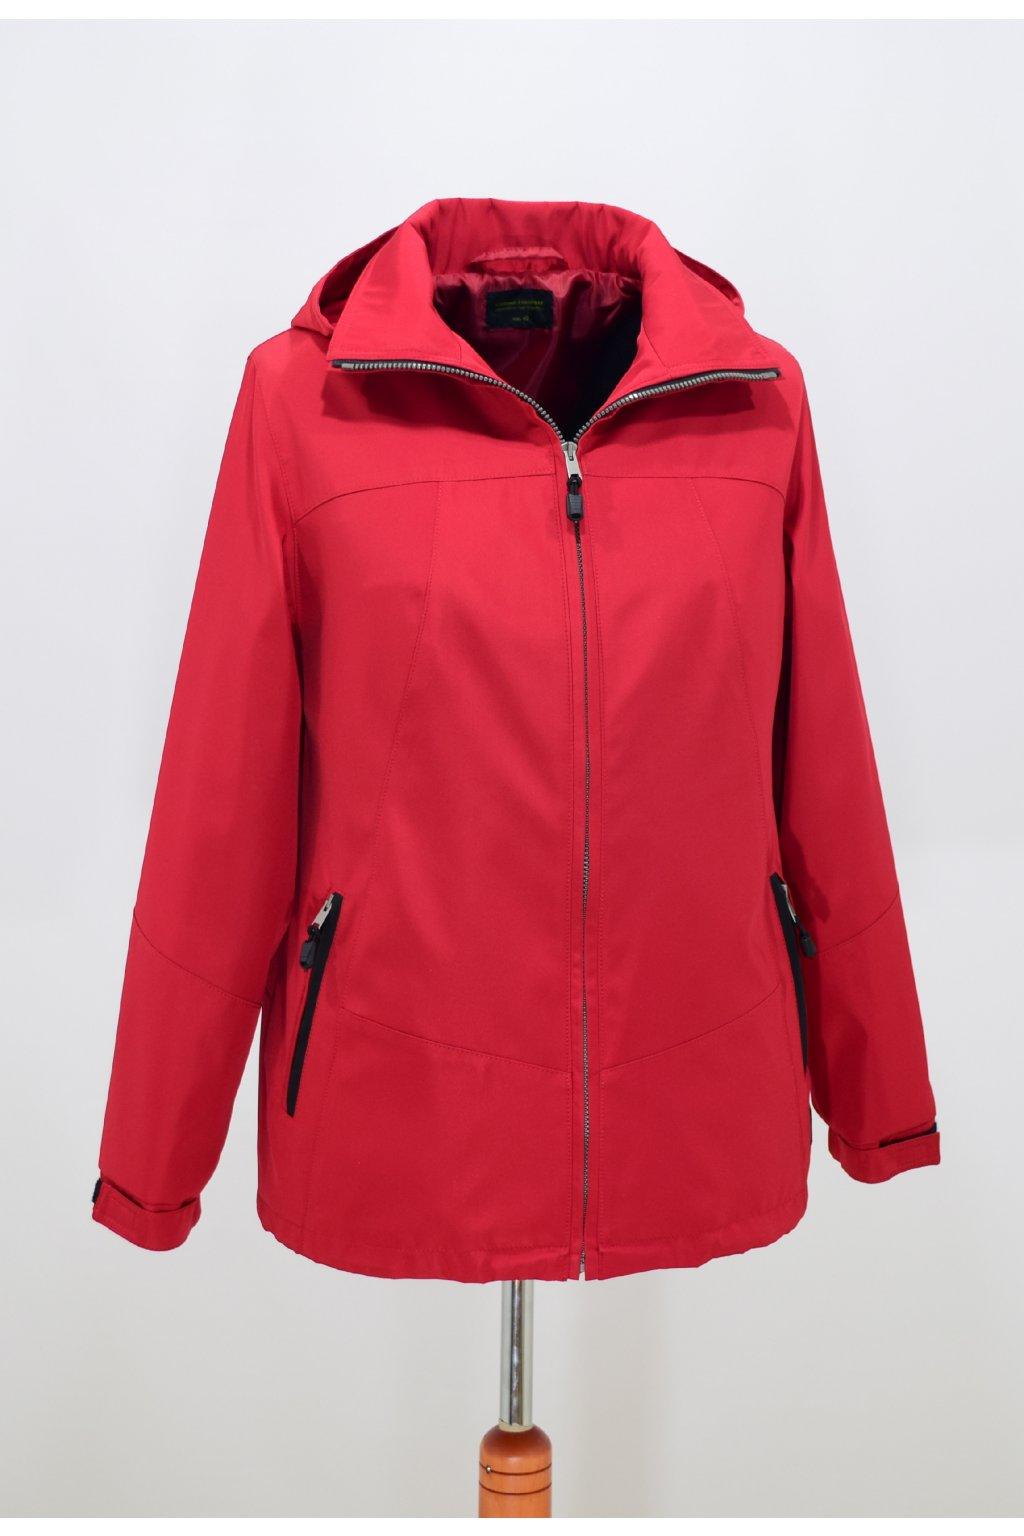 Dámská červená jarní bunda Angela nadměrné velikosti.